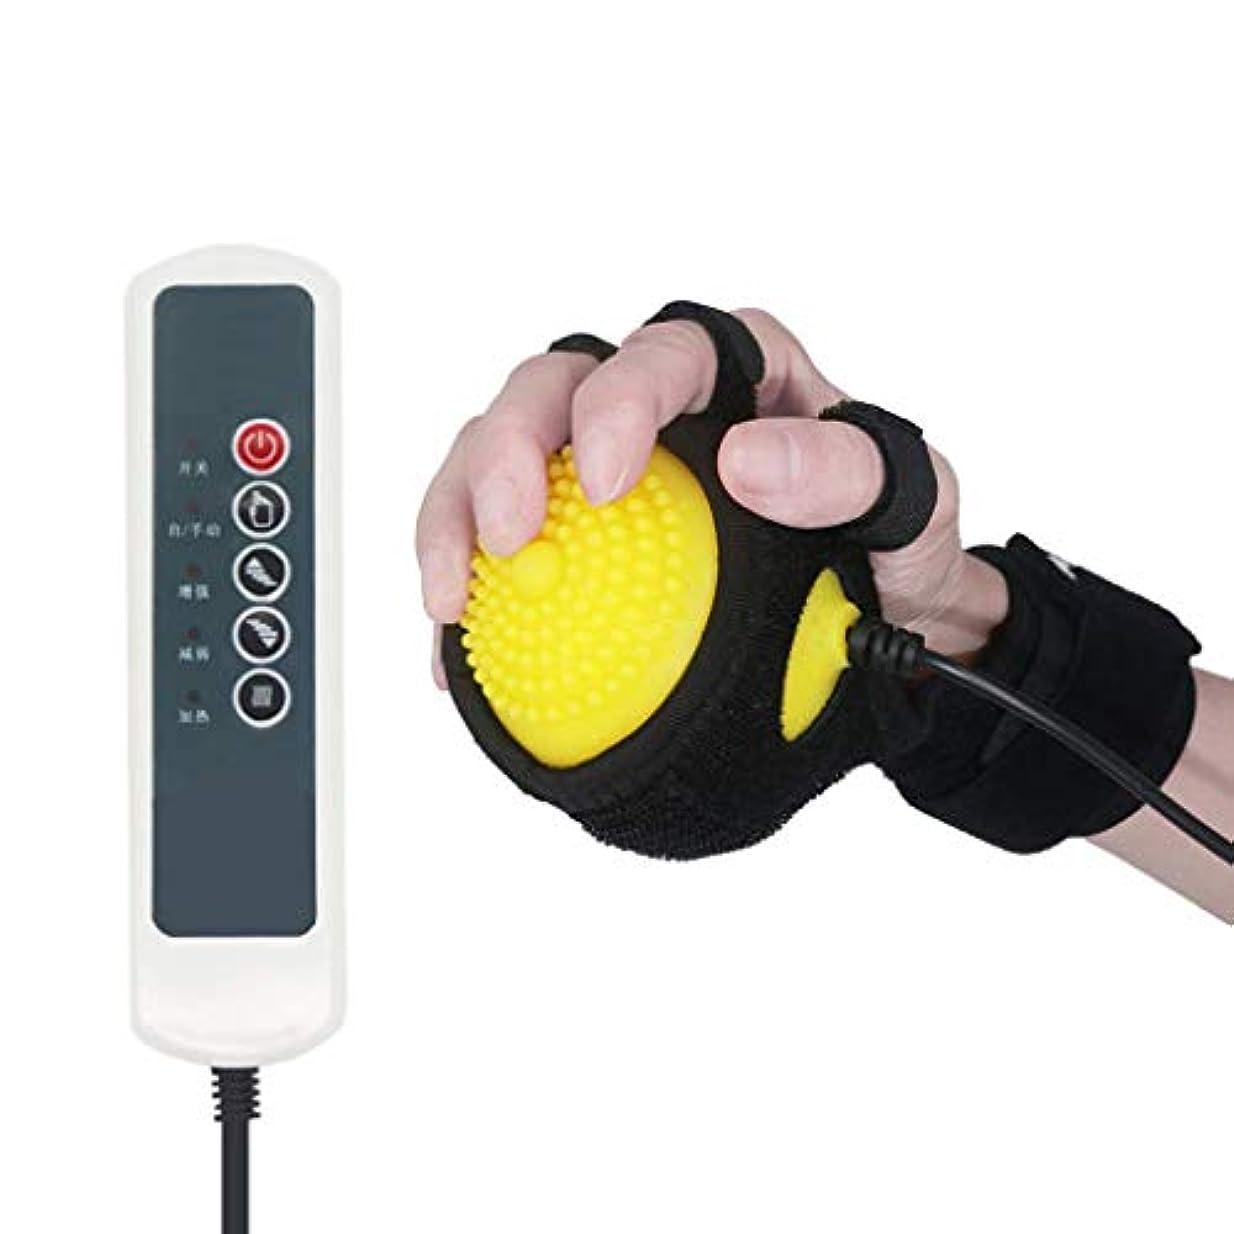 忍耐講堂セラフ電気ホット圧縮脳卒中片麻痺指回復マッサージリハビリテーション受動トレーニング指屈曲矯正療法ボール